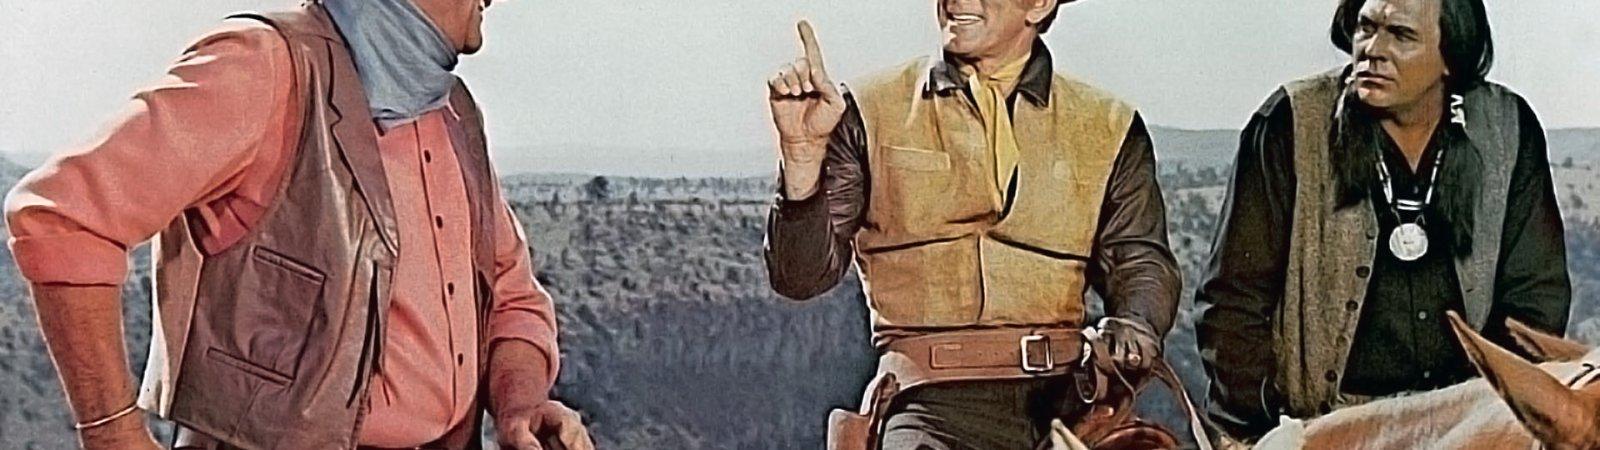 Photo dernier film Burt Kennedy